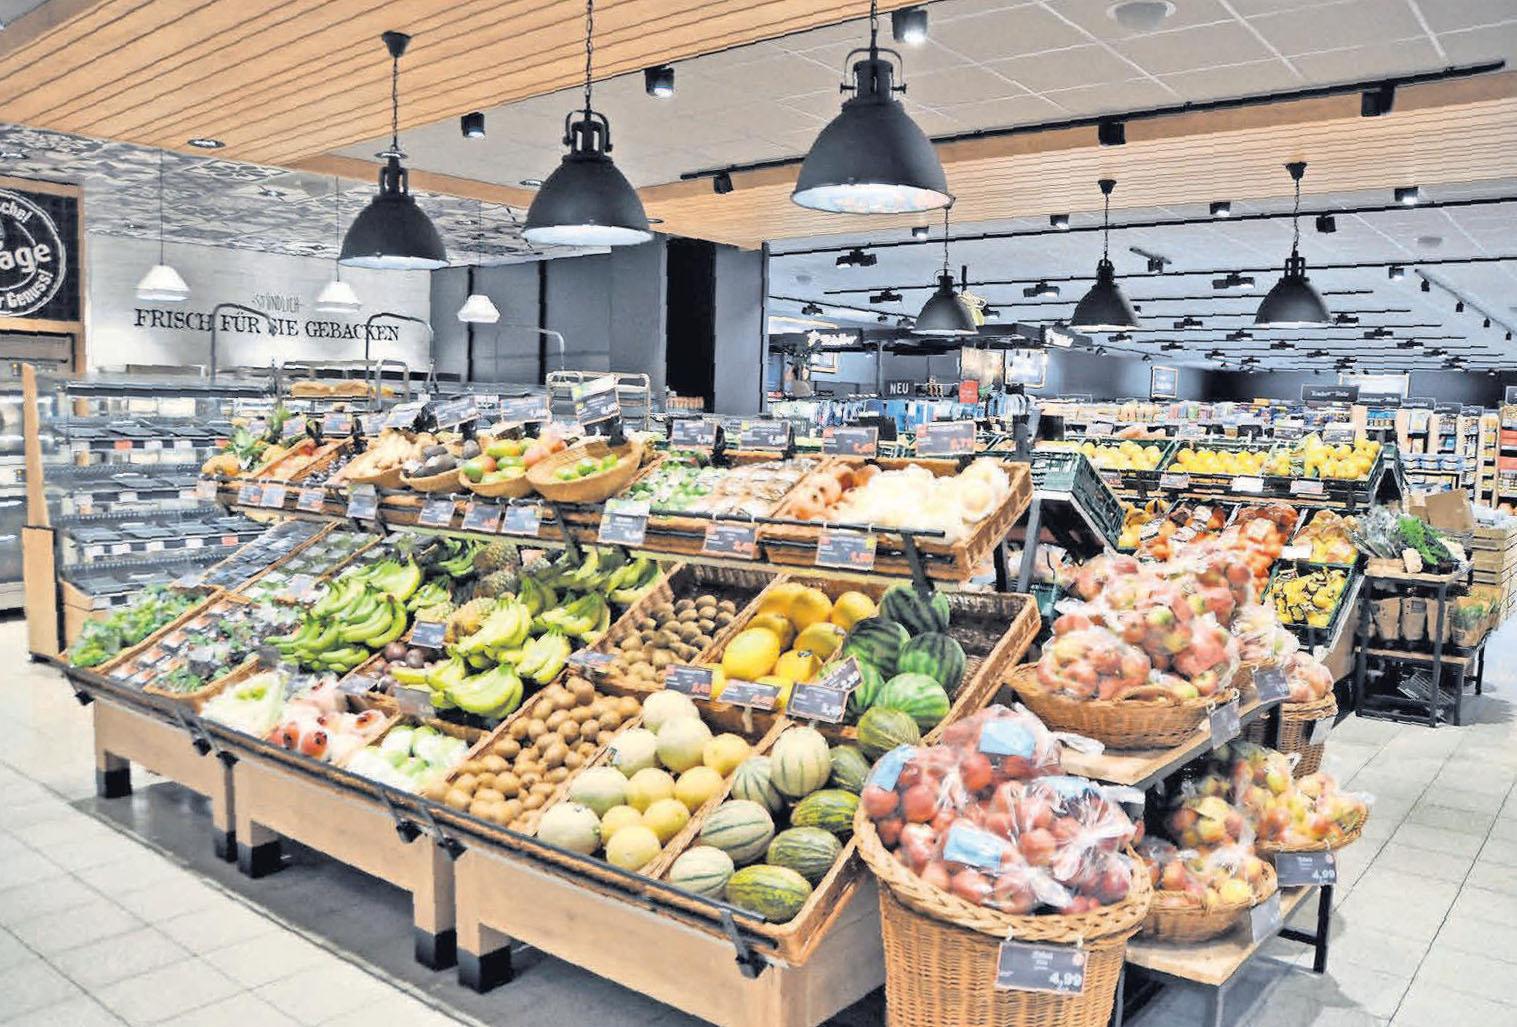 Nach wie vor Mittelpunkt des Frischemarktes: Die Obst- und Gemüseabteilung (großes Bild). Auch die Poststelle hat einen neuen Platz erhalten (kleines Bild).